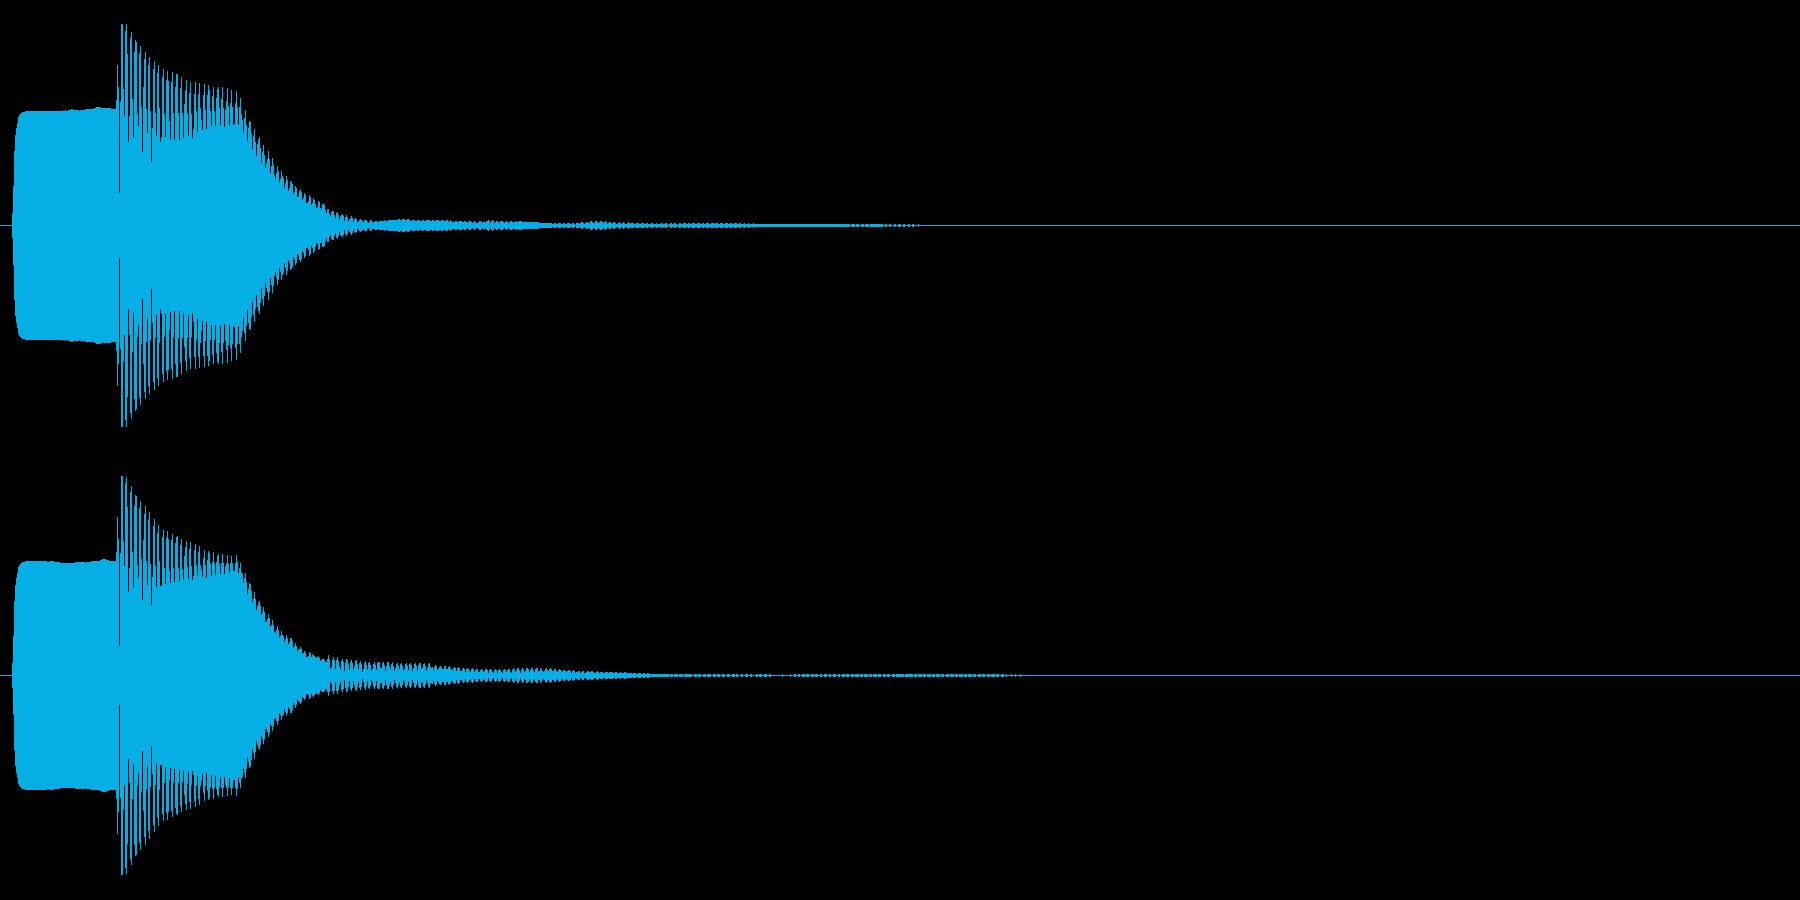 ピコン(キャンセル,終了,停止)_03の再生済みの波形